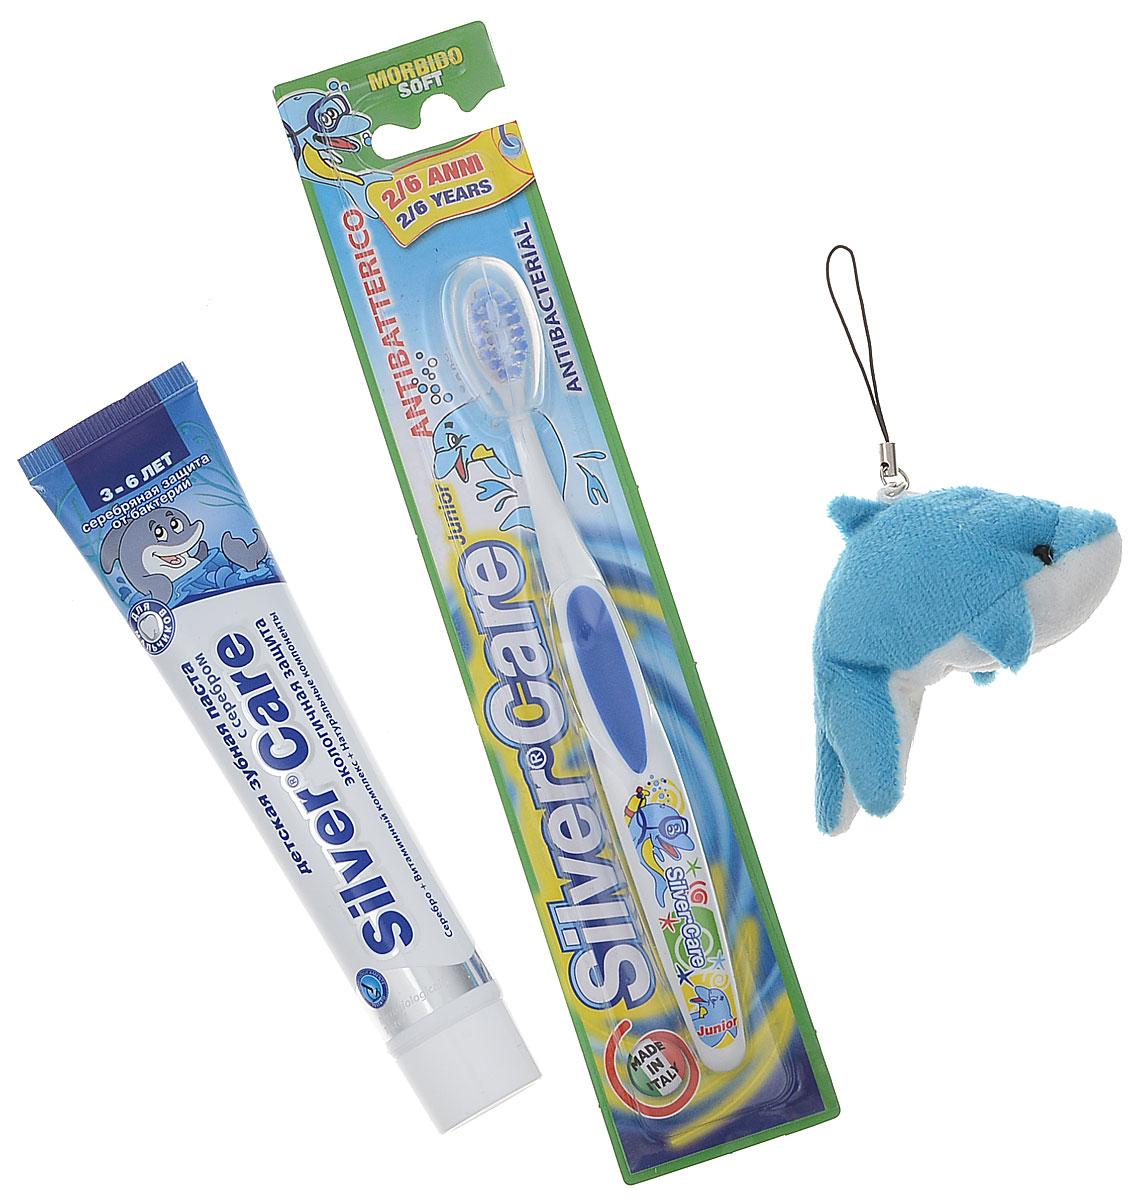 Silver Care Стоматологический набор для мальчиков от 3 до 6 лет лаймовый микс цвет щетки синий косметические наборы для ухода silver care набор зубных щёток silver care plus жест